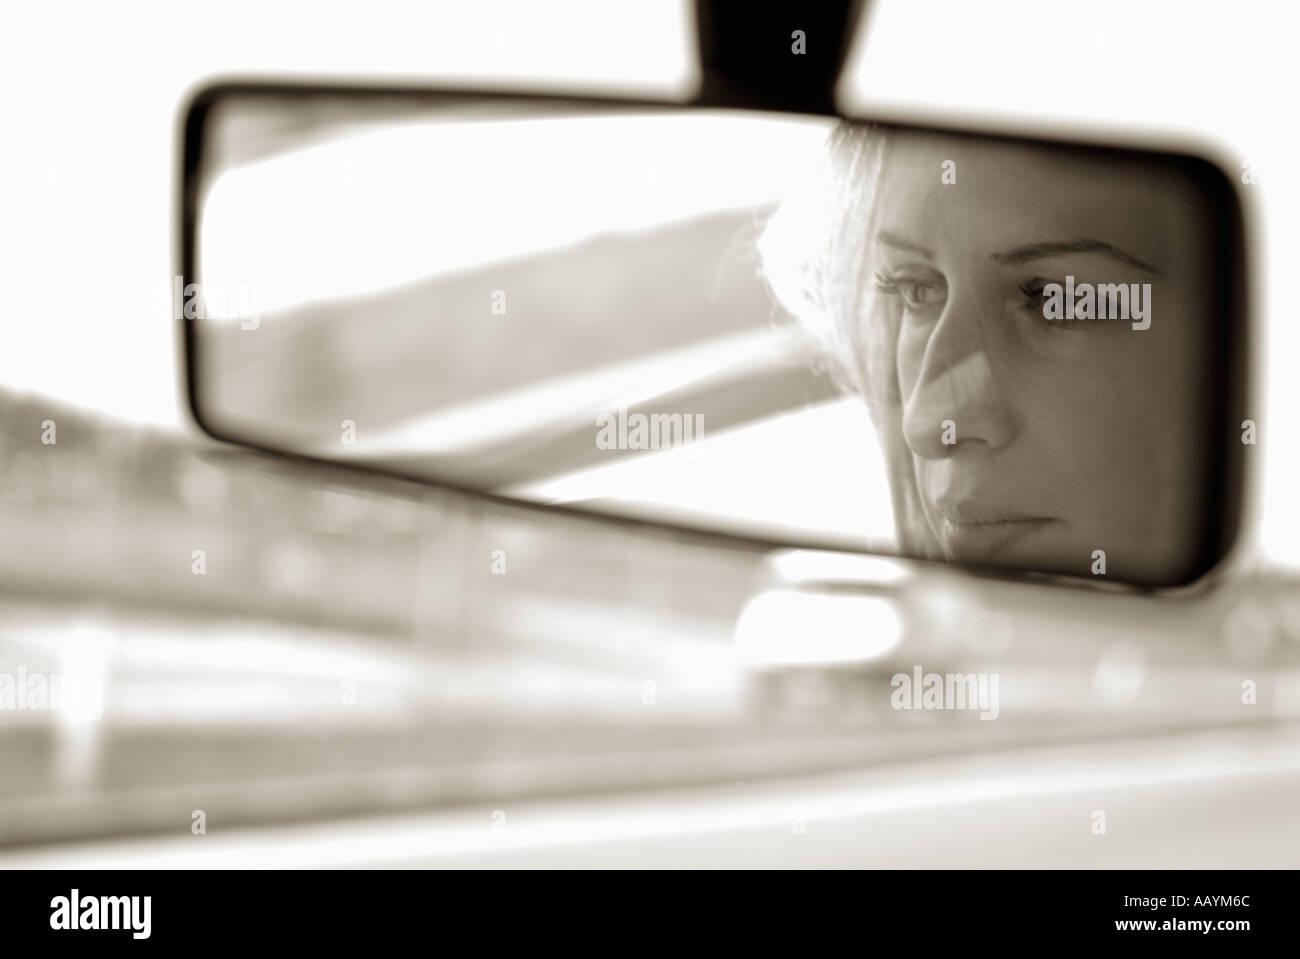 Femme au rétroviseur d'une voiture roulant sur une route Photo Stock